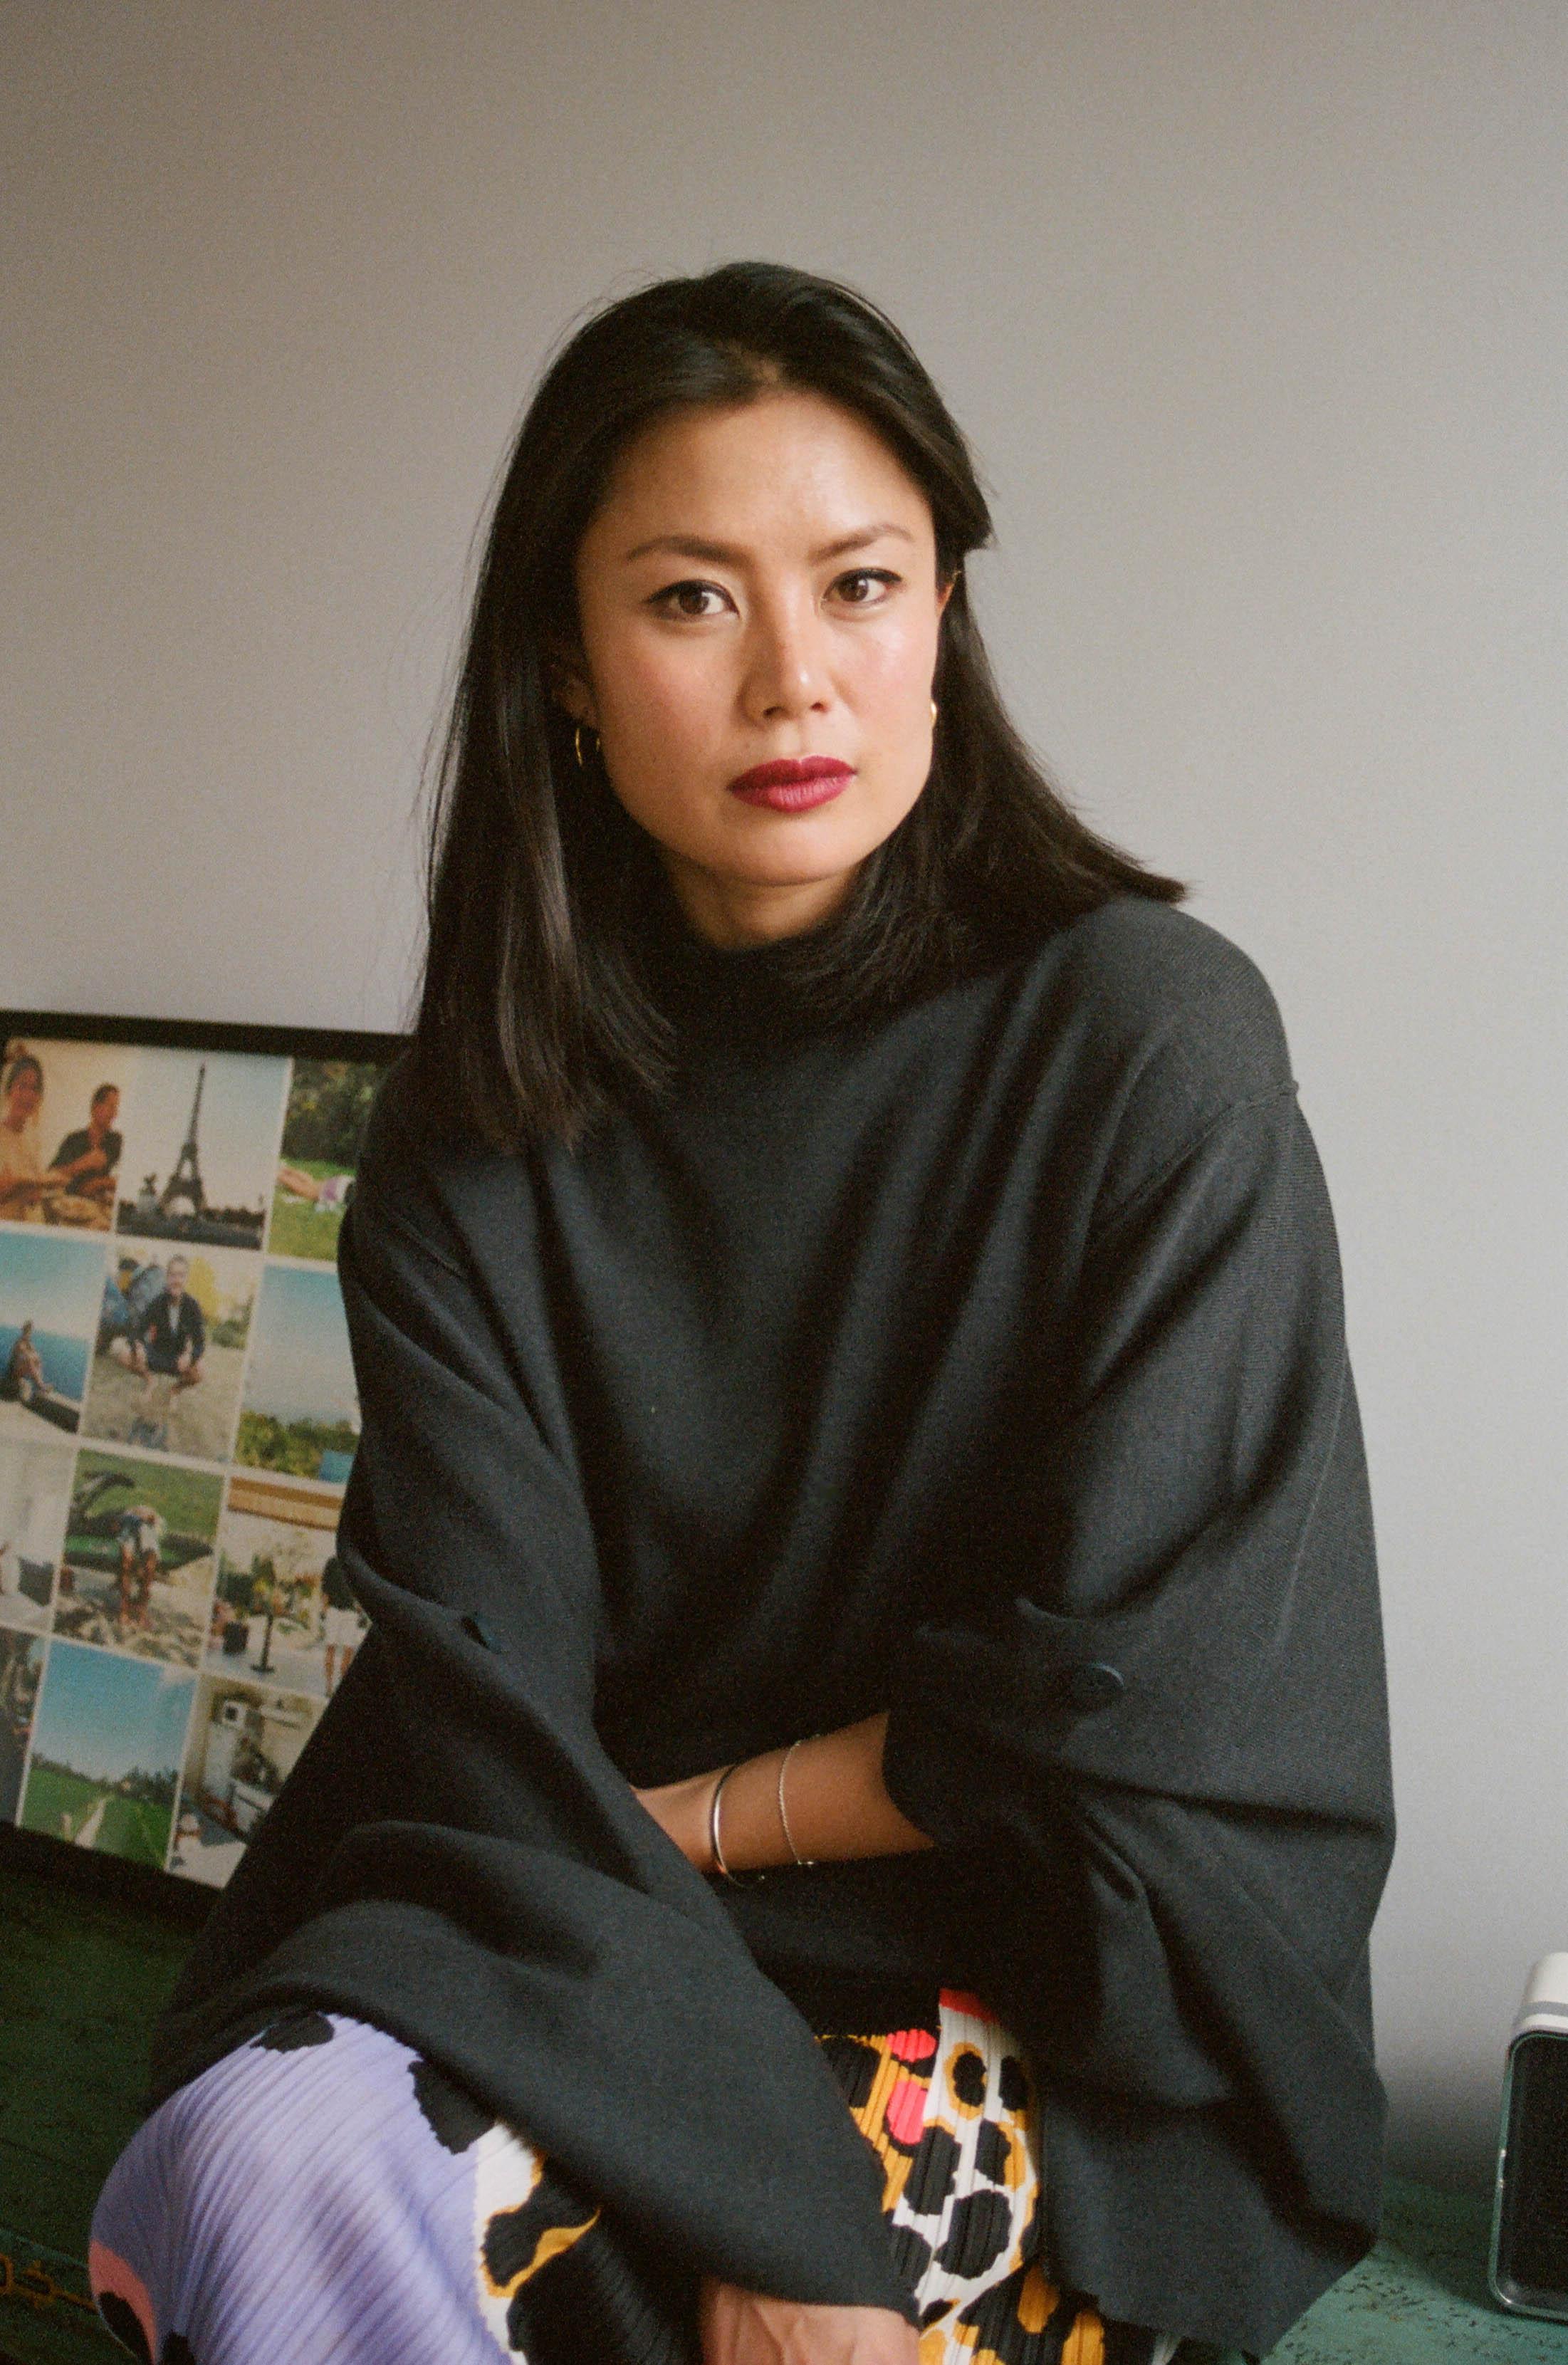 Kimono Sweater, PHVLO ; Skirt, Issey miyake